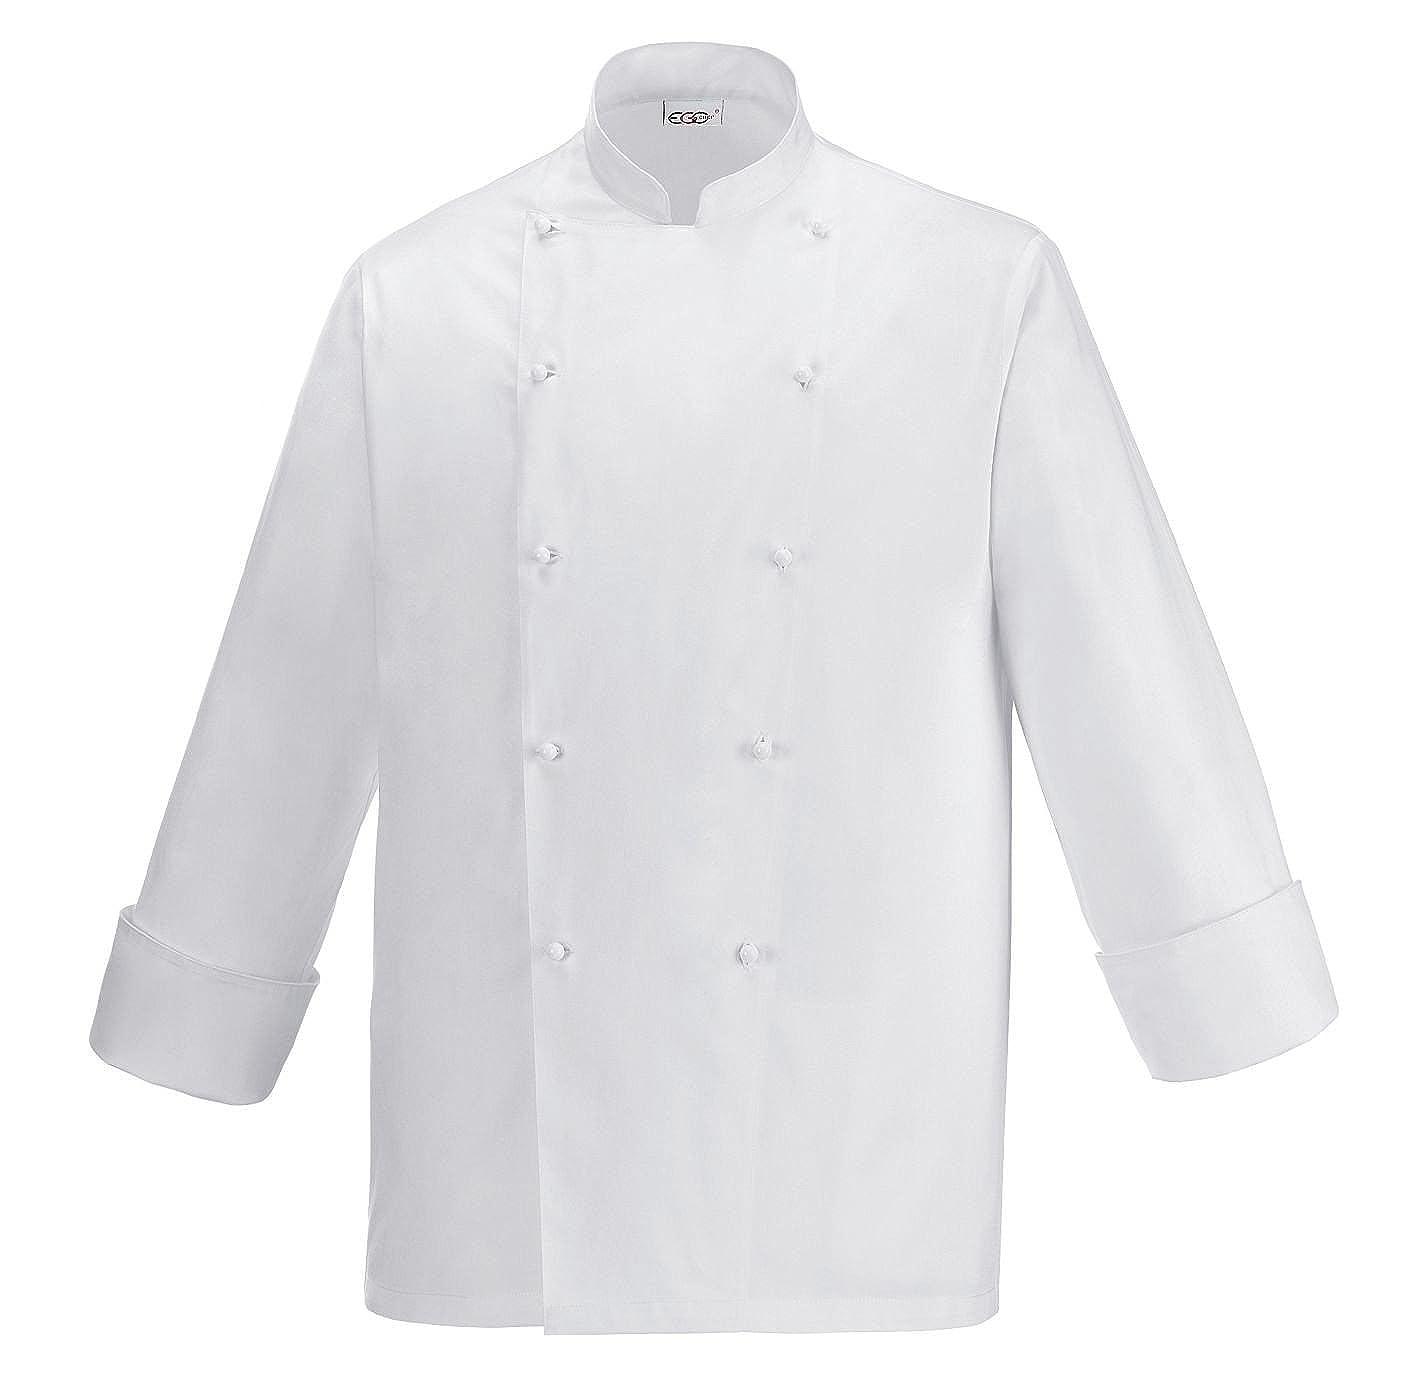 EGOCHEF Giacca da Cuoco Bianca SECURITY - 100% Cotone - Marca Italiana Ottima vestibilità, bottoni antipanico estrabili inclusi, cotone morbido leggero e avvolgente, perfetta anche per studenti B01N0IOPTY